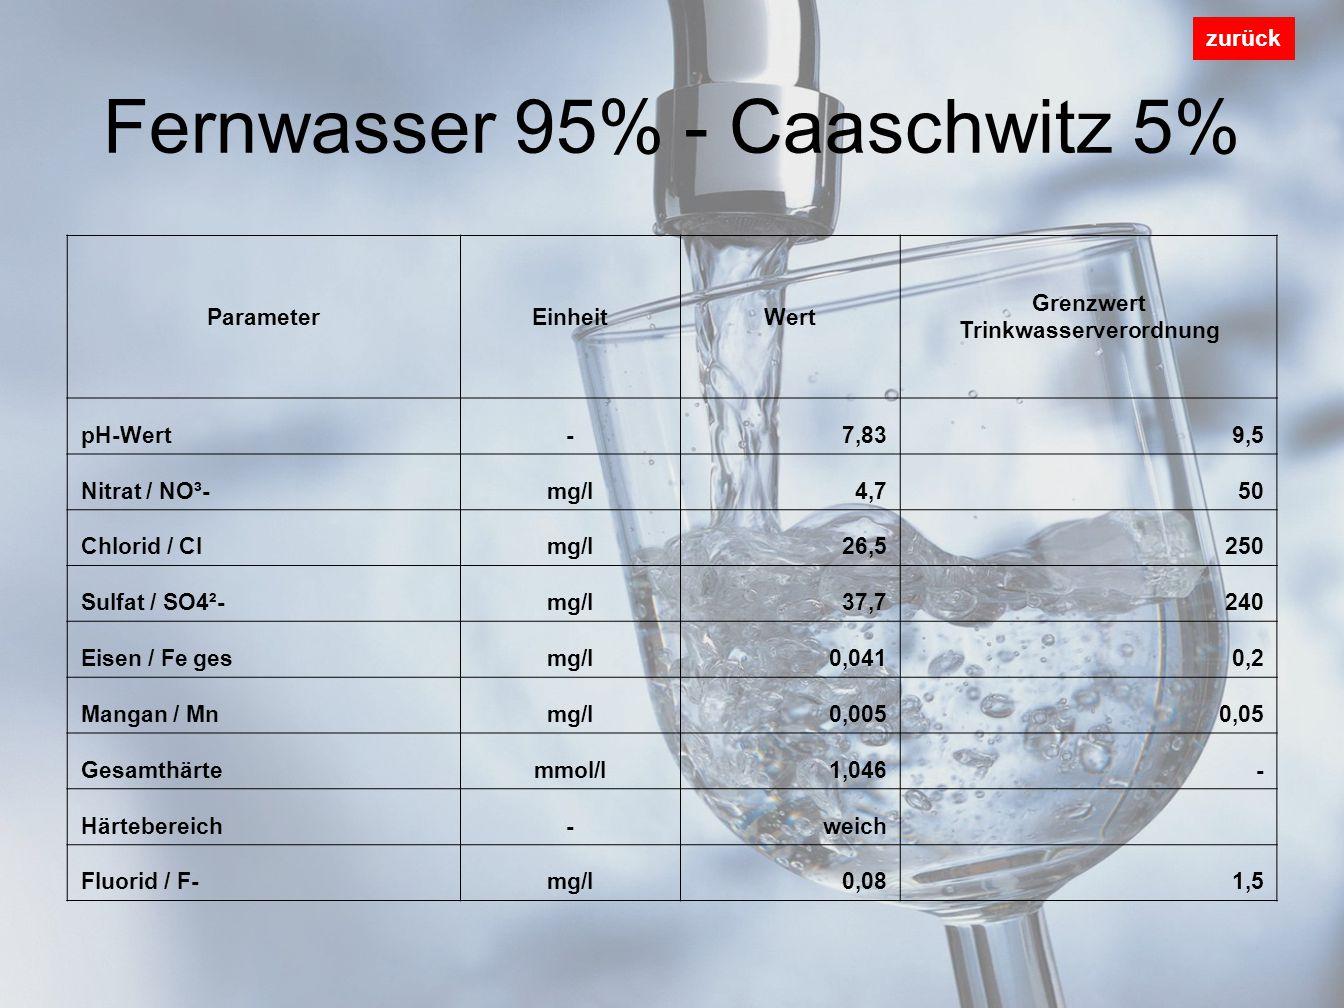 Fernwasser 95% - Caaschwitz 5% zurück ParameterEinheitWert Grenzwert Trinkwasserverordnung pH-Wert-7,839,5 Nitrat / NO³-mg/l4,750 Chlorid / Clmg/l26,5